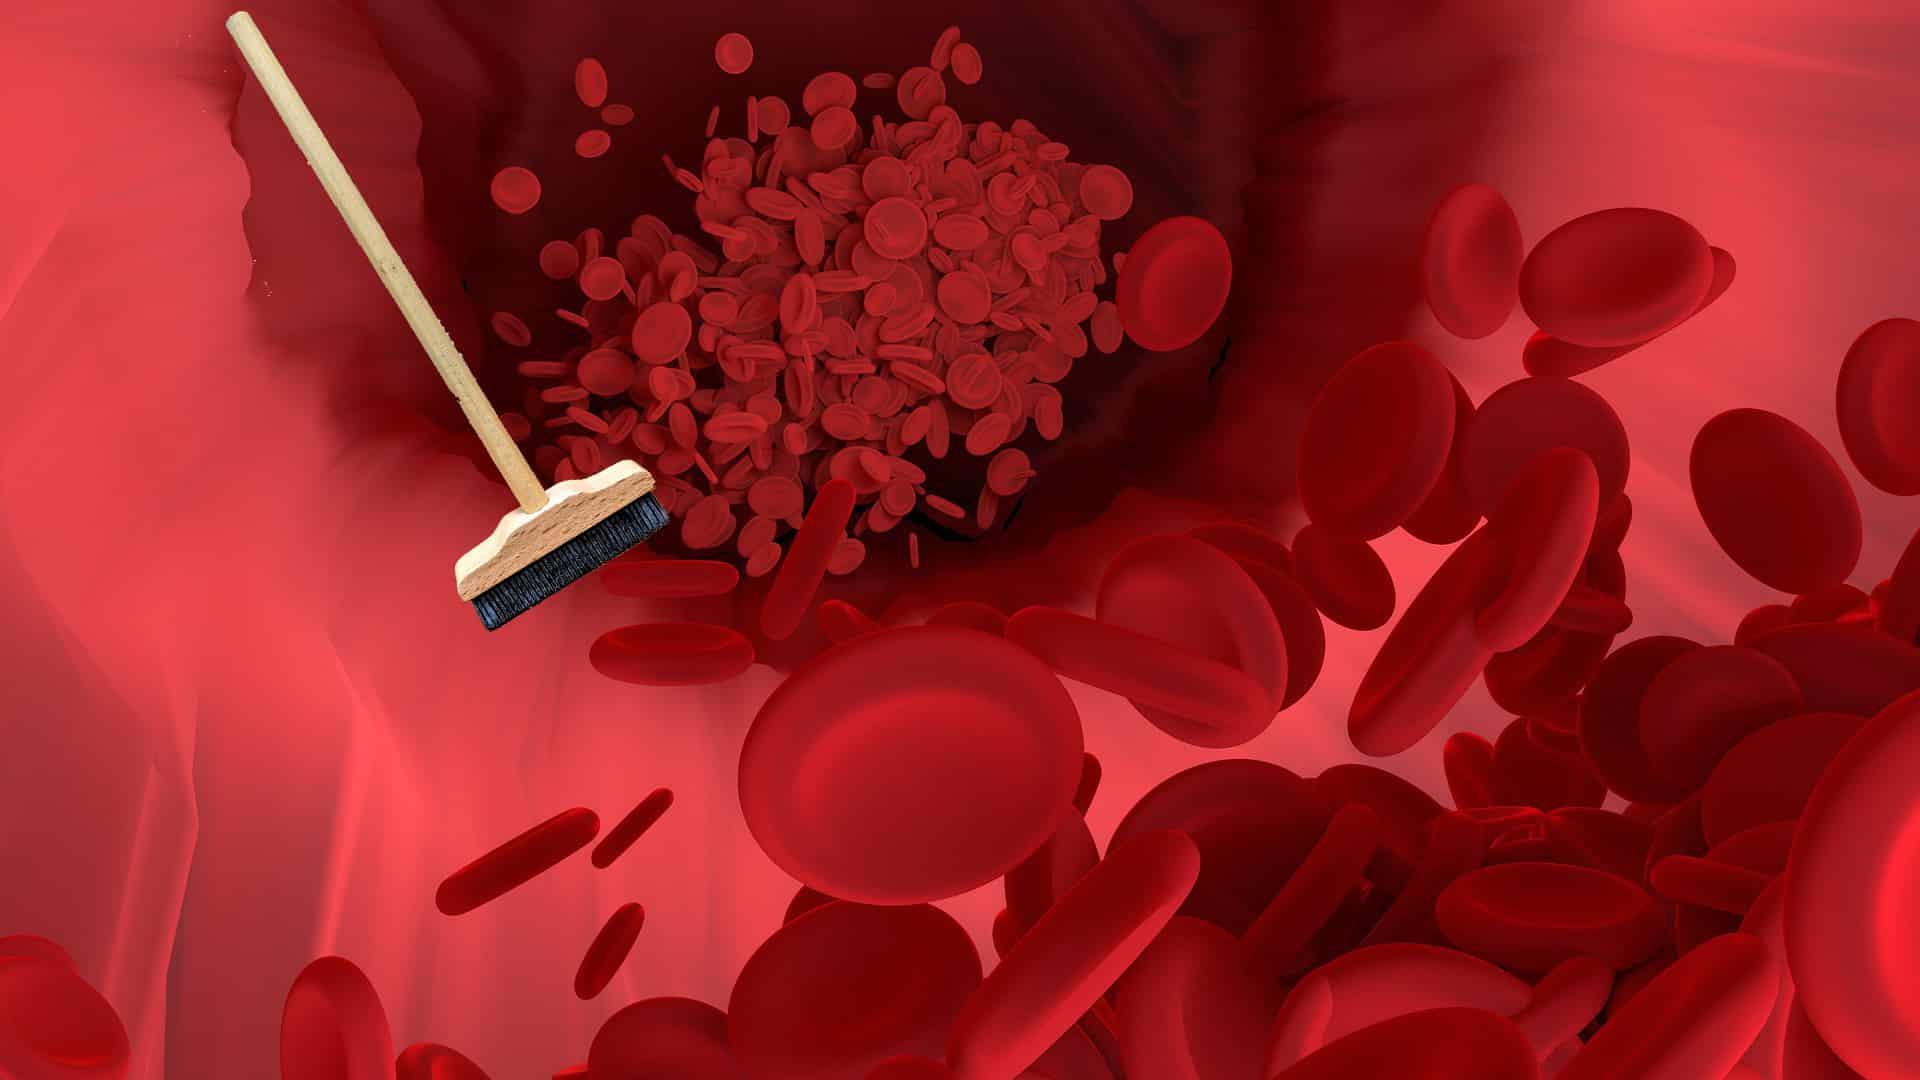 8 Lebensmittel, die deine Arterien natürlich reinigen und stärken und vor Herzinfarkt schützen